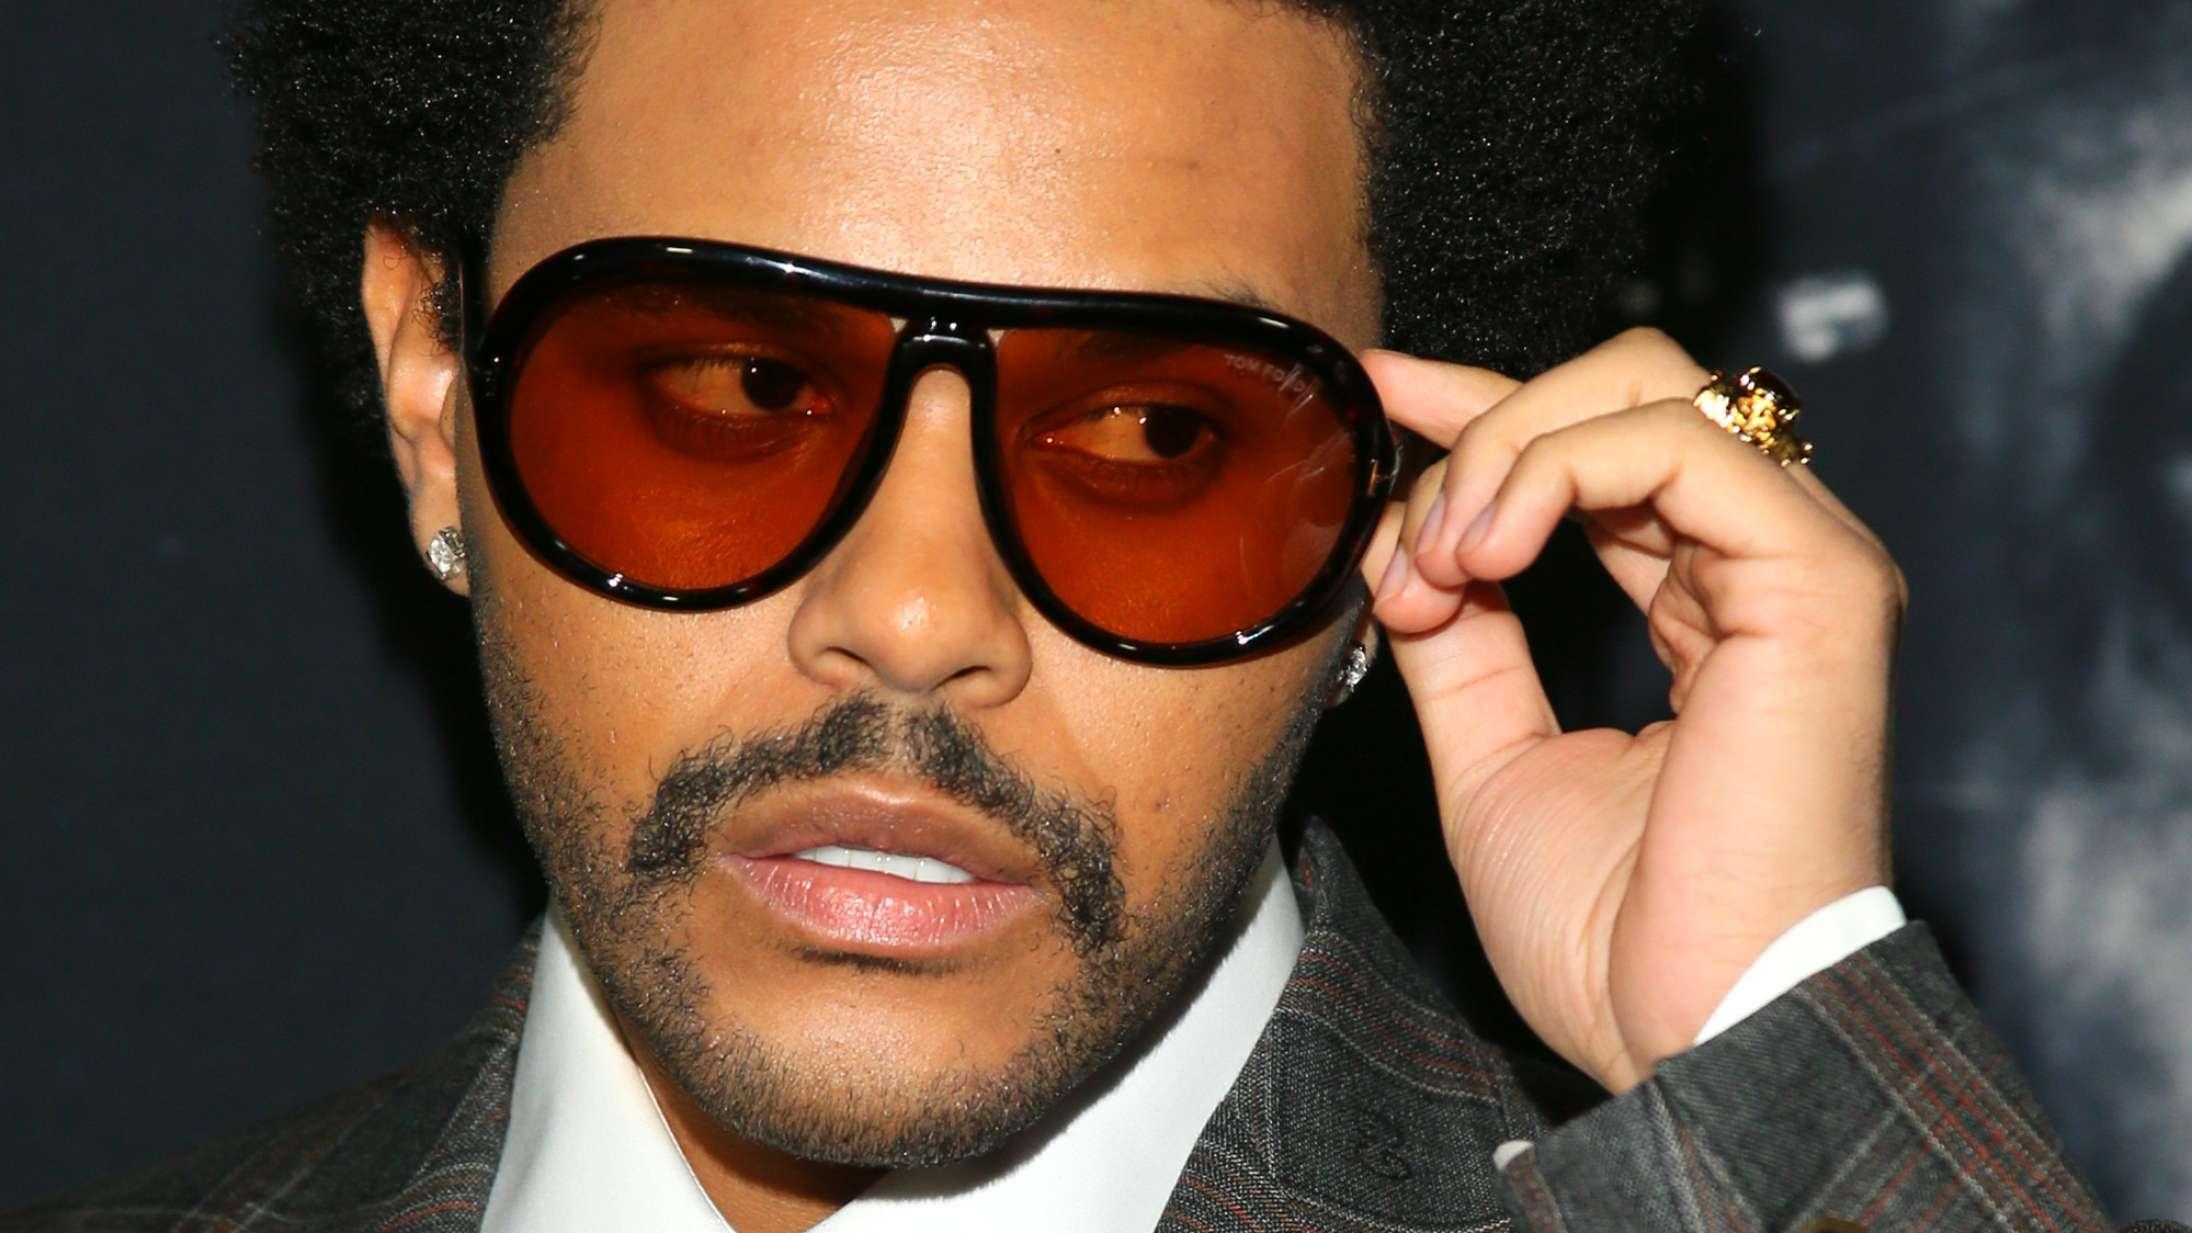 Hvad sker der lige for, at The Weeknd udgiver et greatest hits-album – storhedsvanvid?